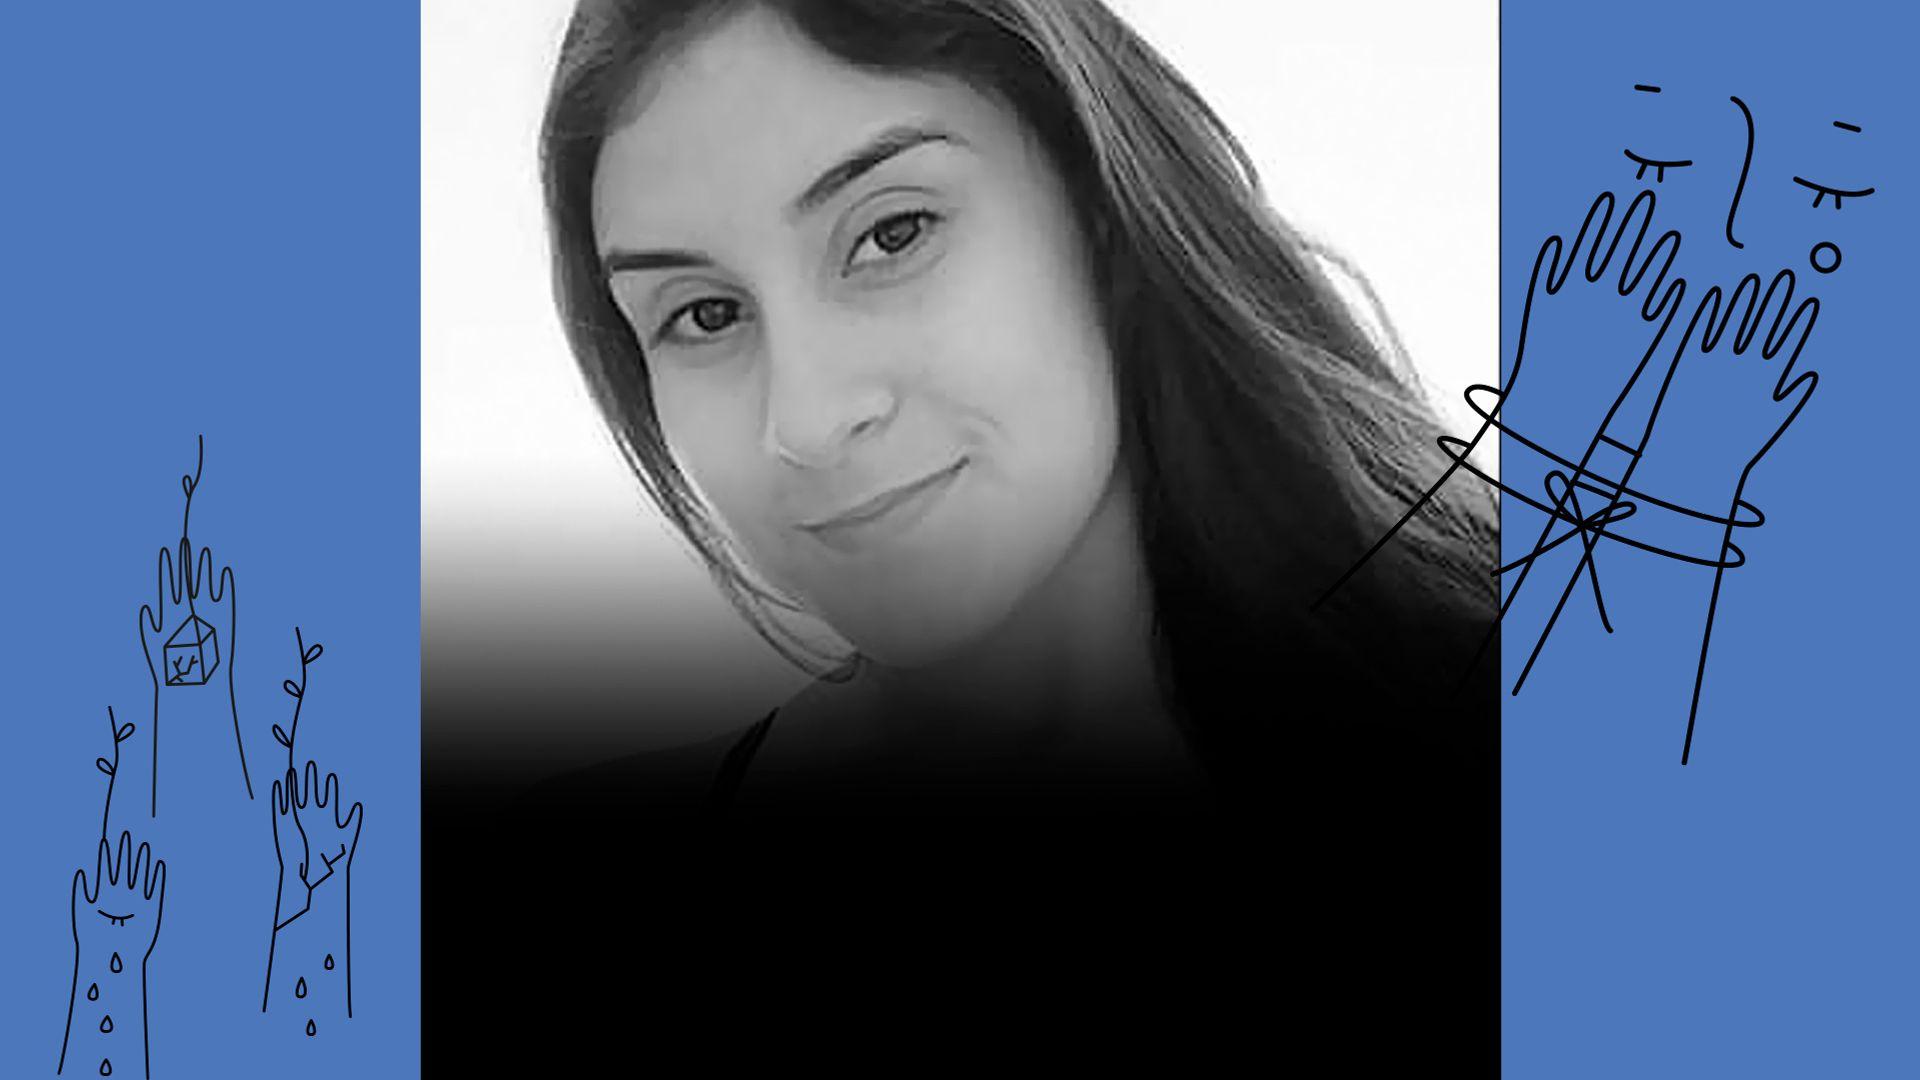 Morta pelo primeiro namorado, Karolina era órfã e sonhava em formar família